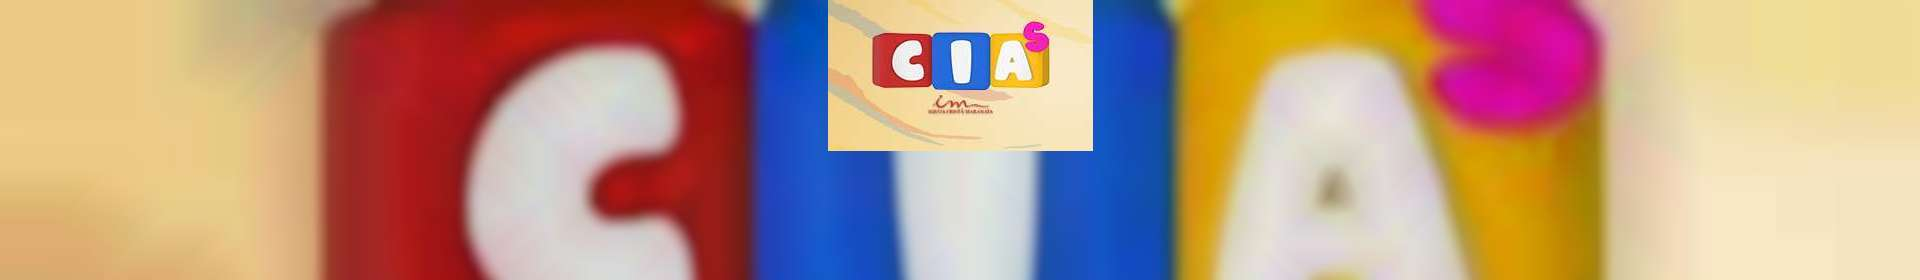 Aula de CIAS: classe de 11 a 15 anos - 30 de julho de 2020